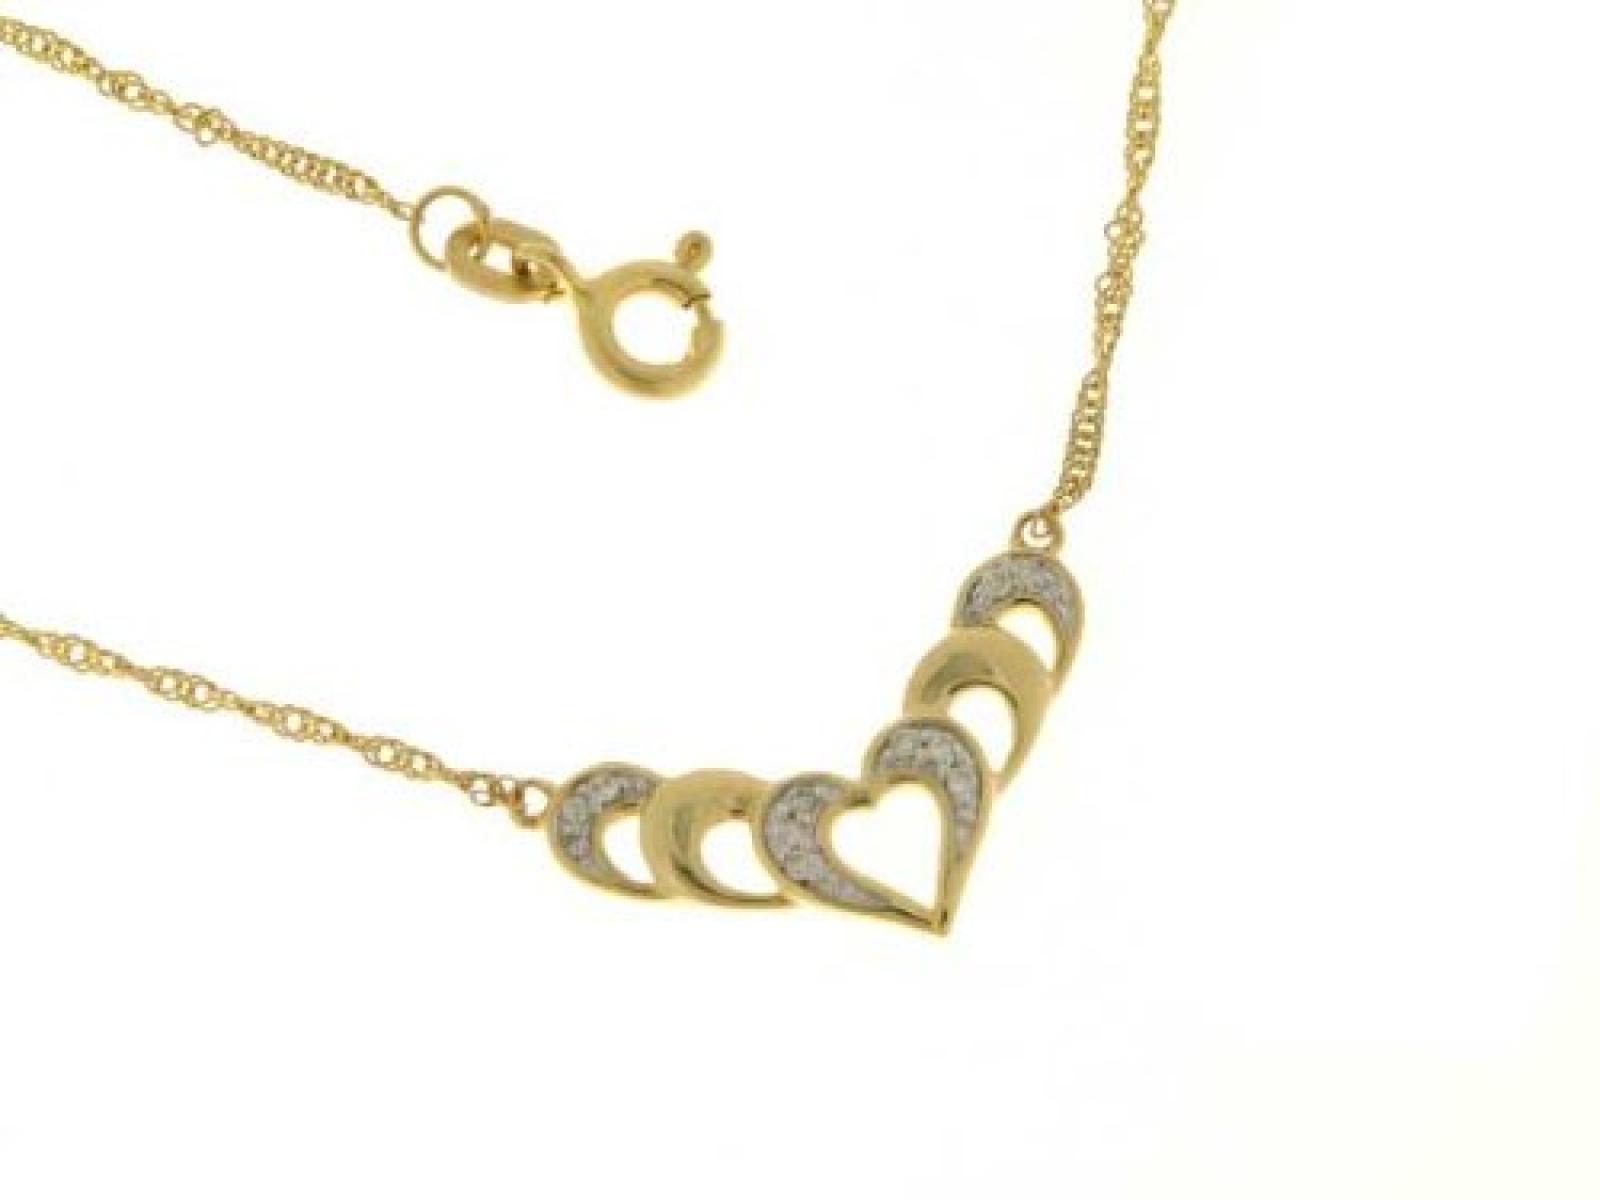 Kettenworld Damen-Halskette mit Anhänger 8 Karat 333 Gelbgold Brillant 0,05 ct. 312958